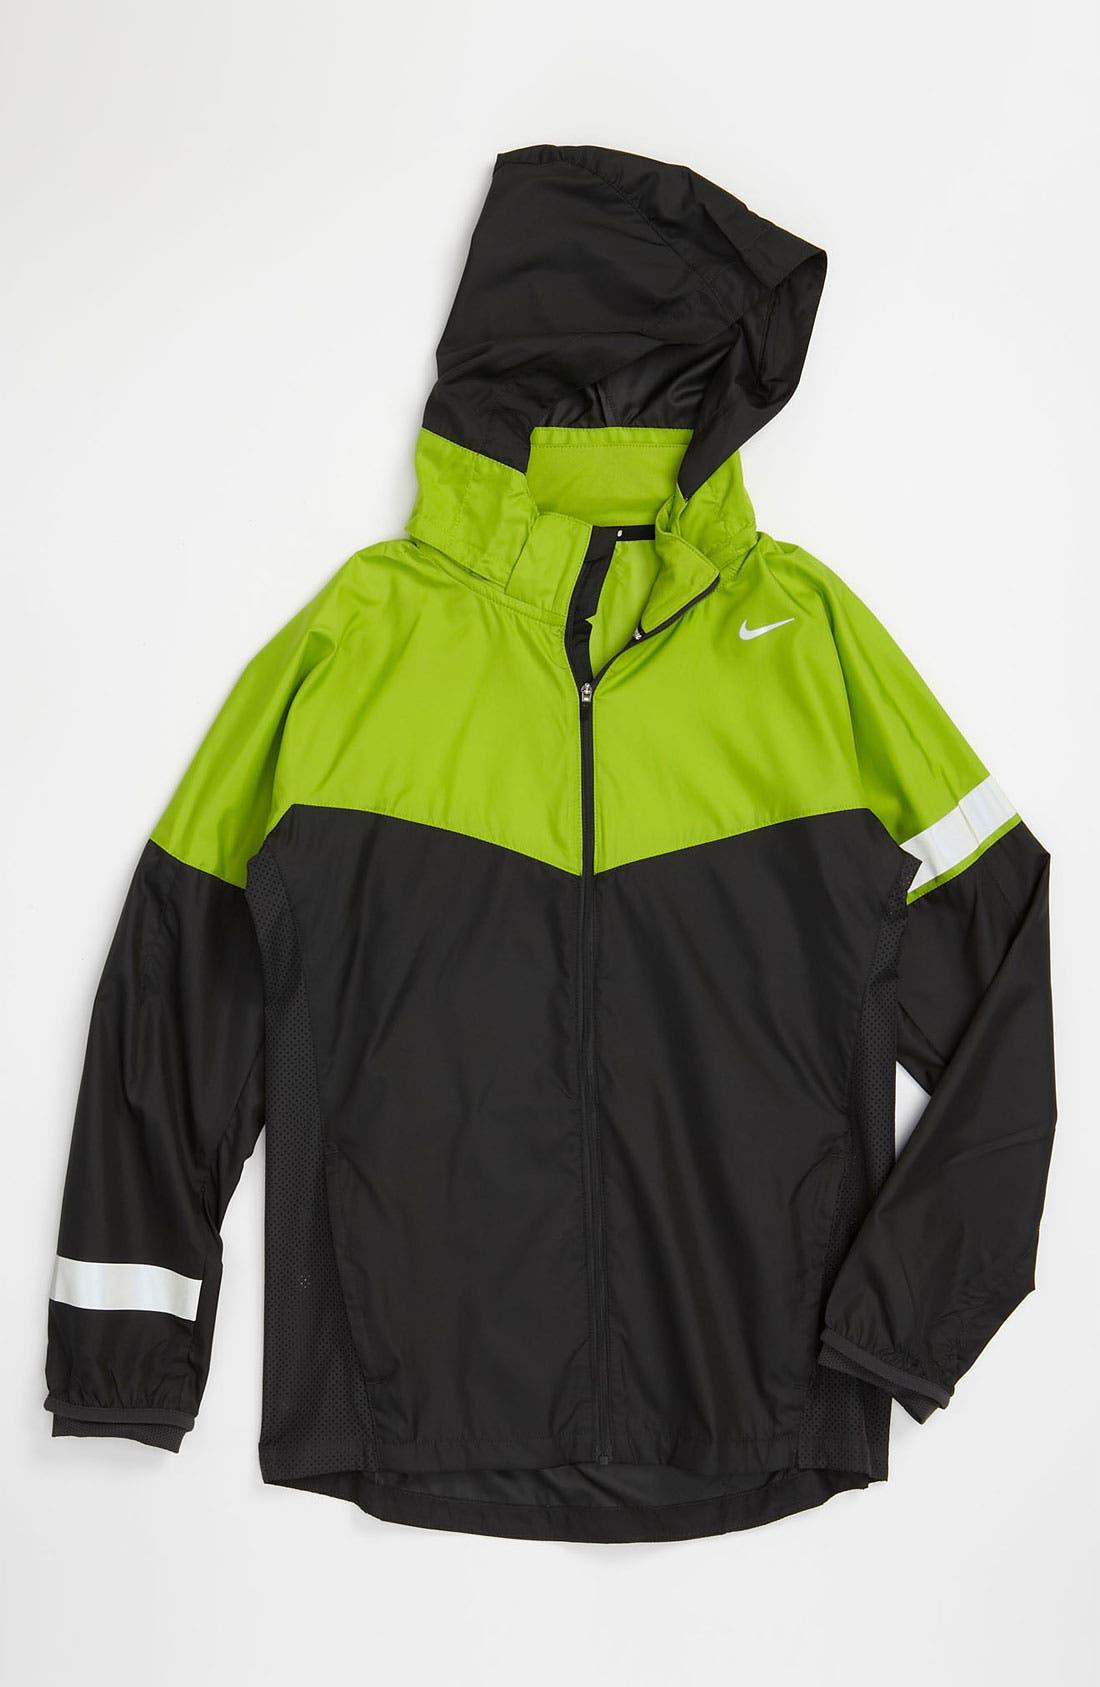 Main Image - Nike 'Vapor' Jacket (Big Boys)